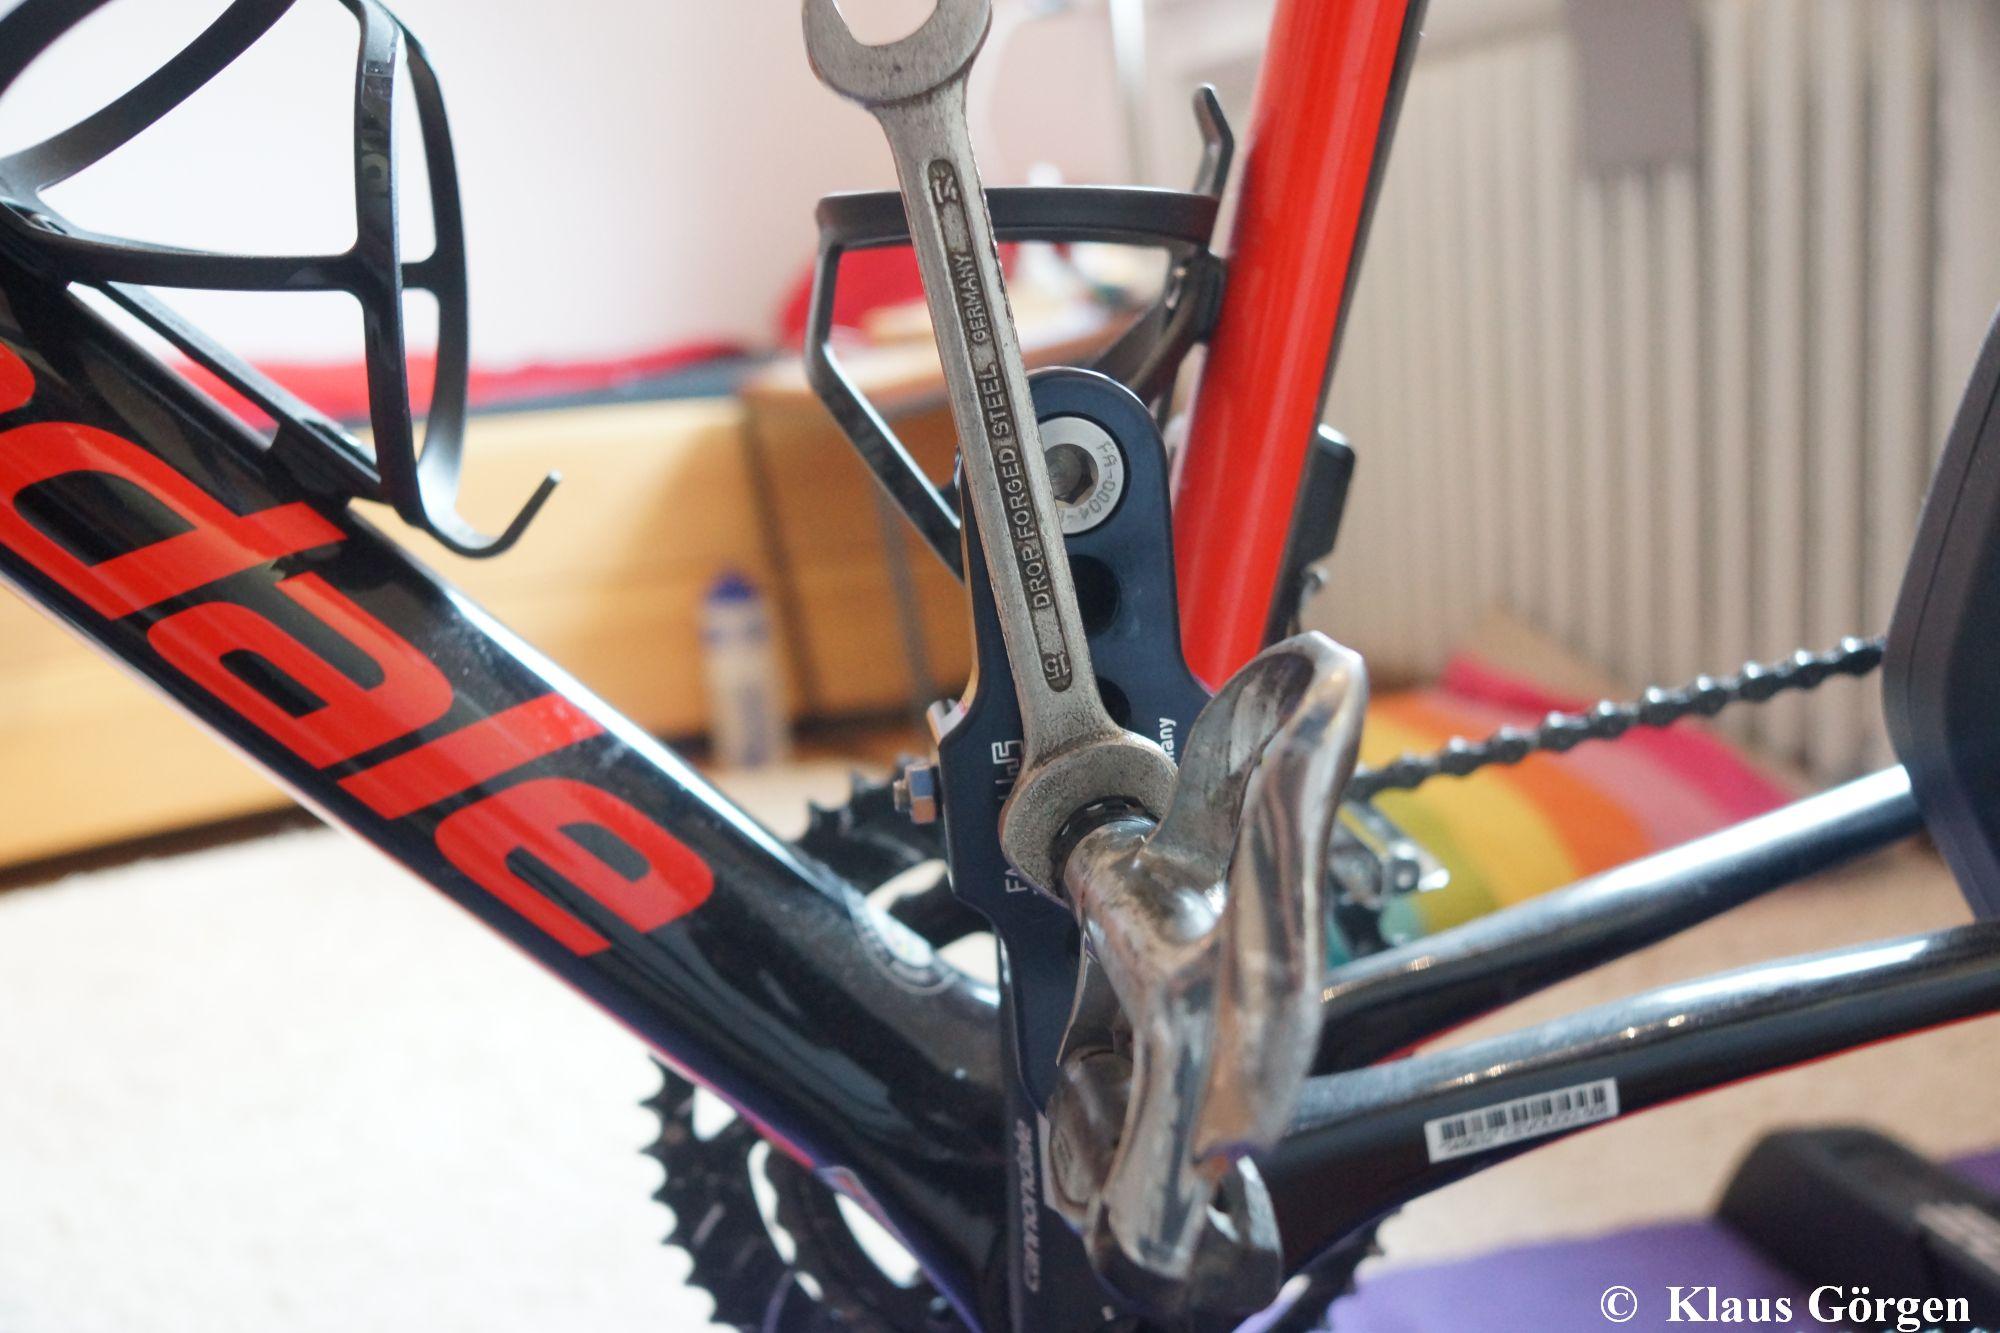 FA 5/20 L: Nur noch das Pedal montieren